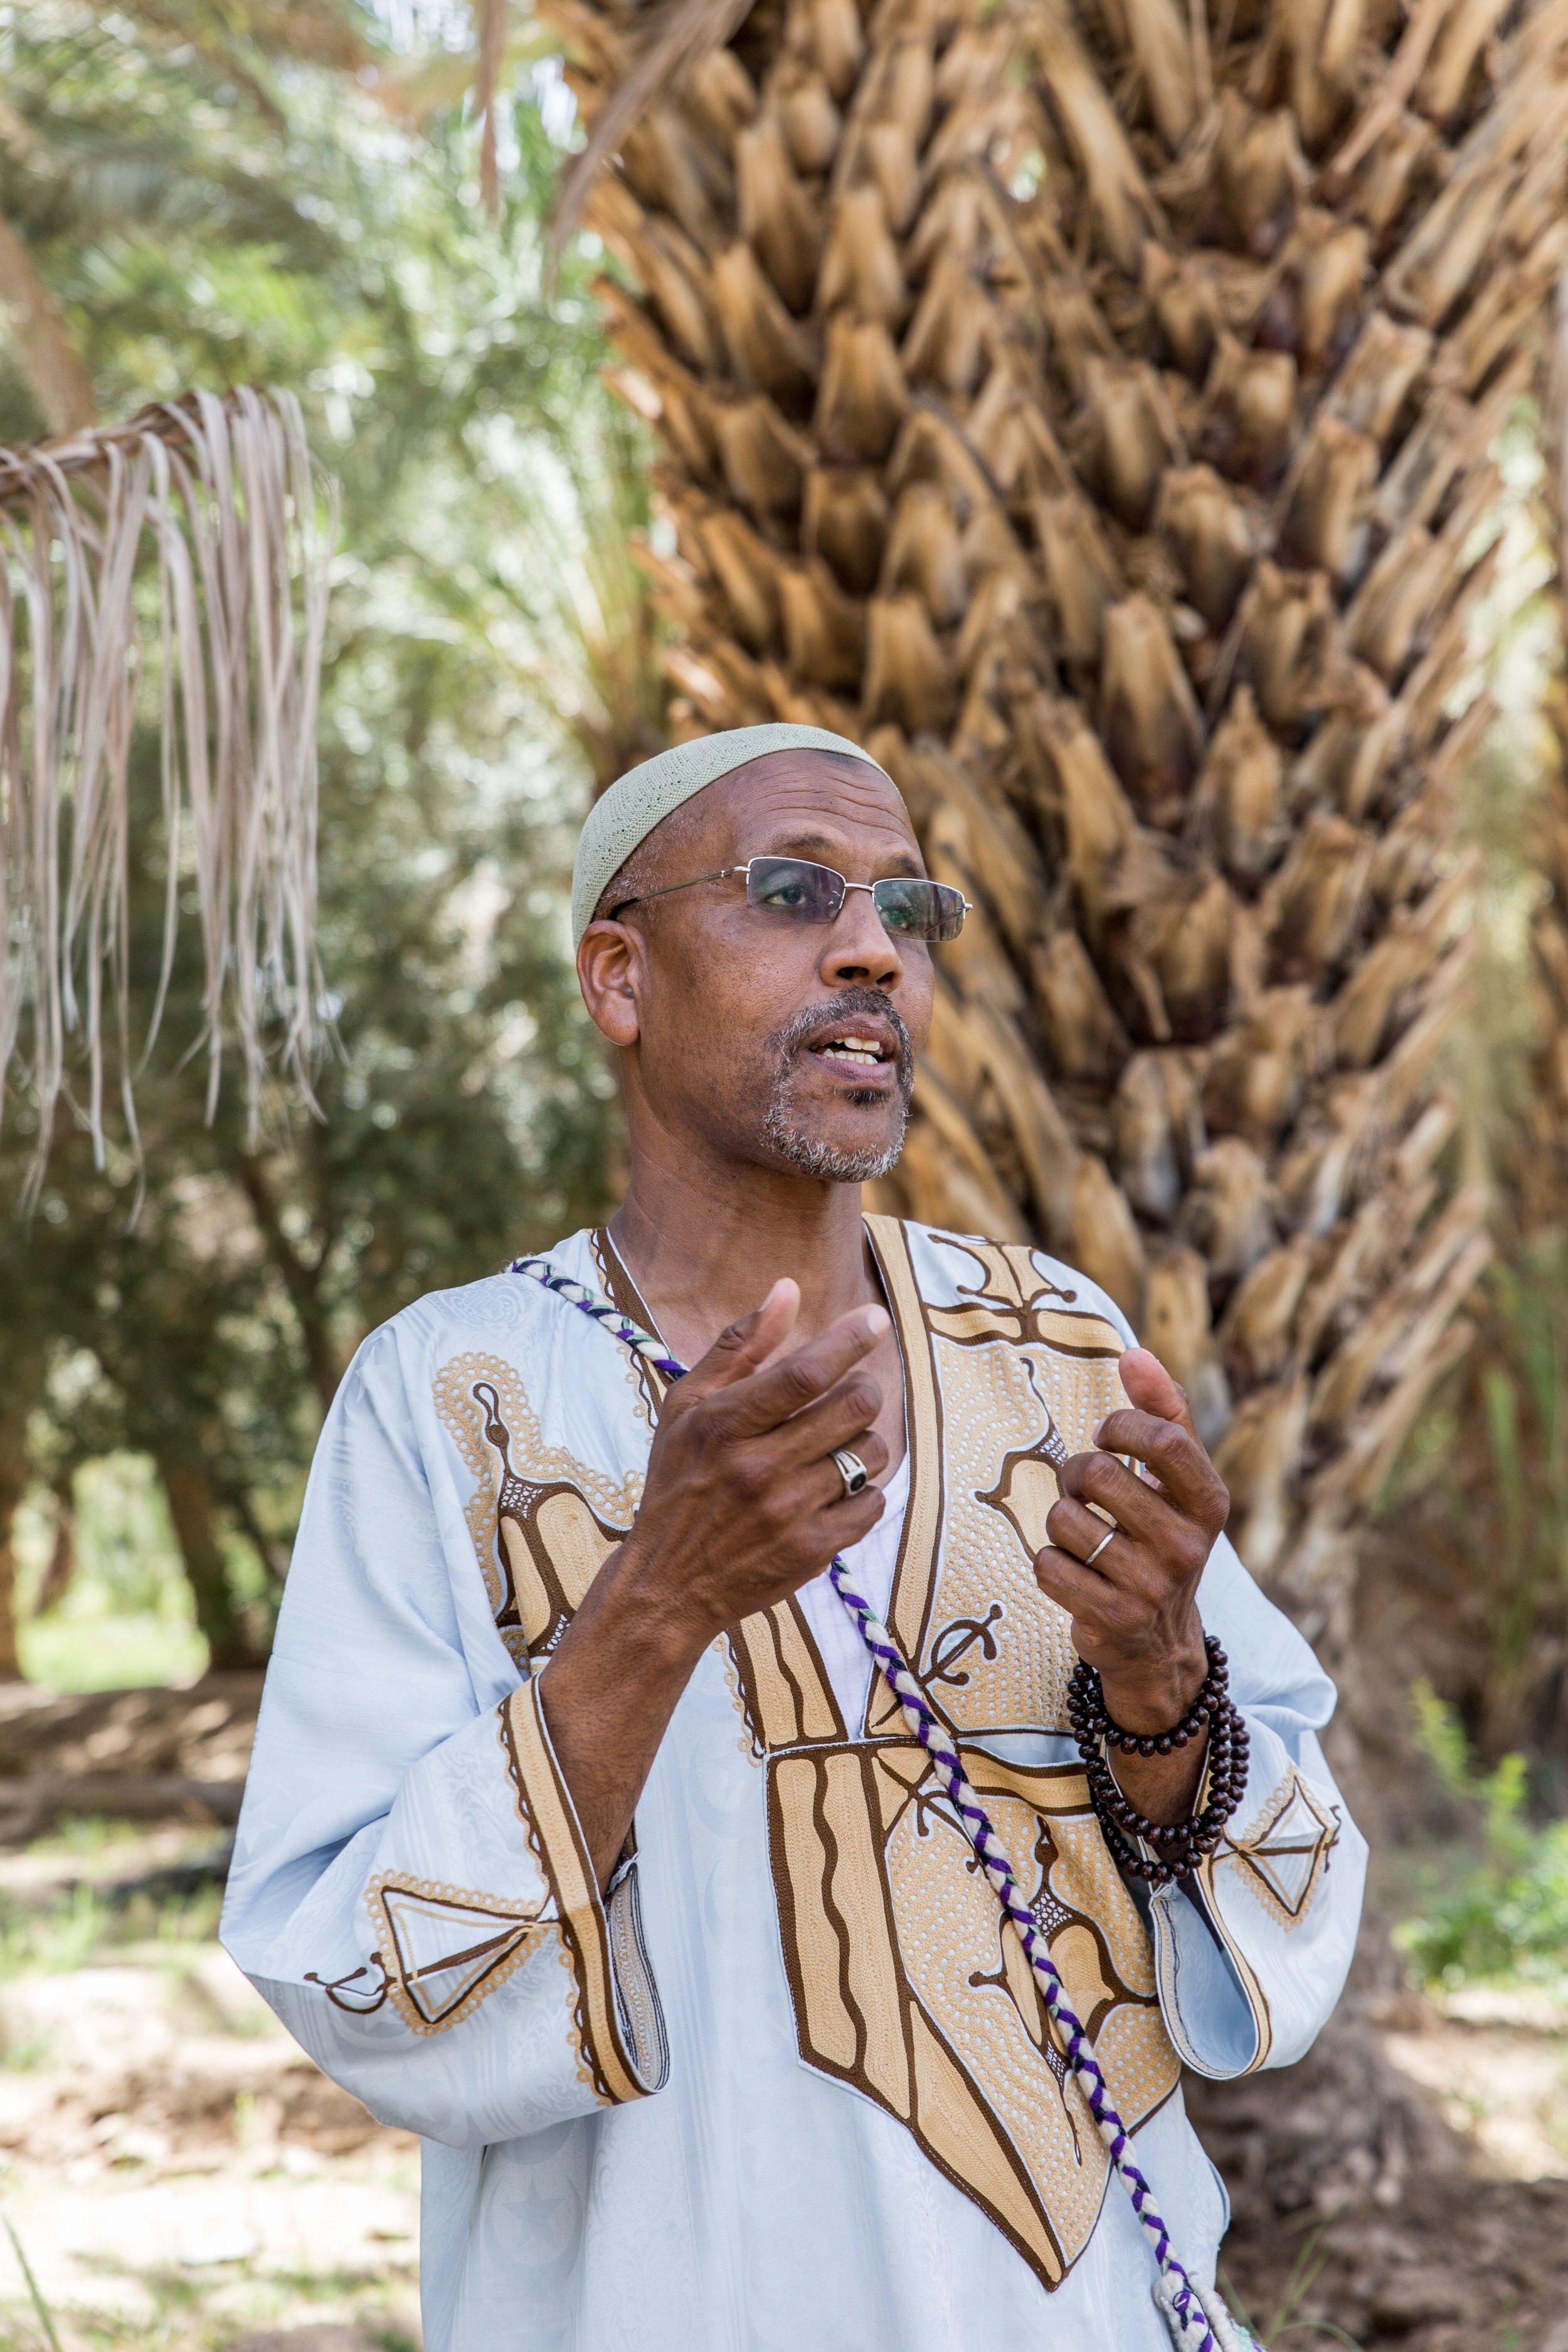 Reizen-Marokko-reisbureau-retreat.jpeg